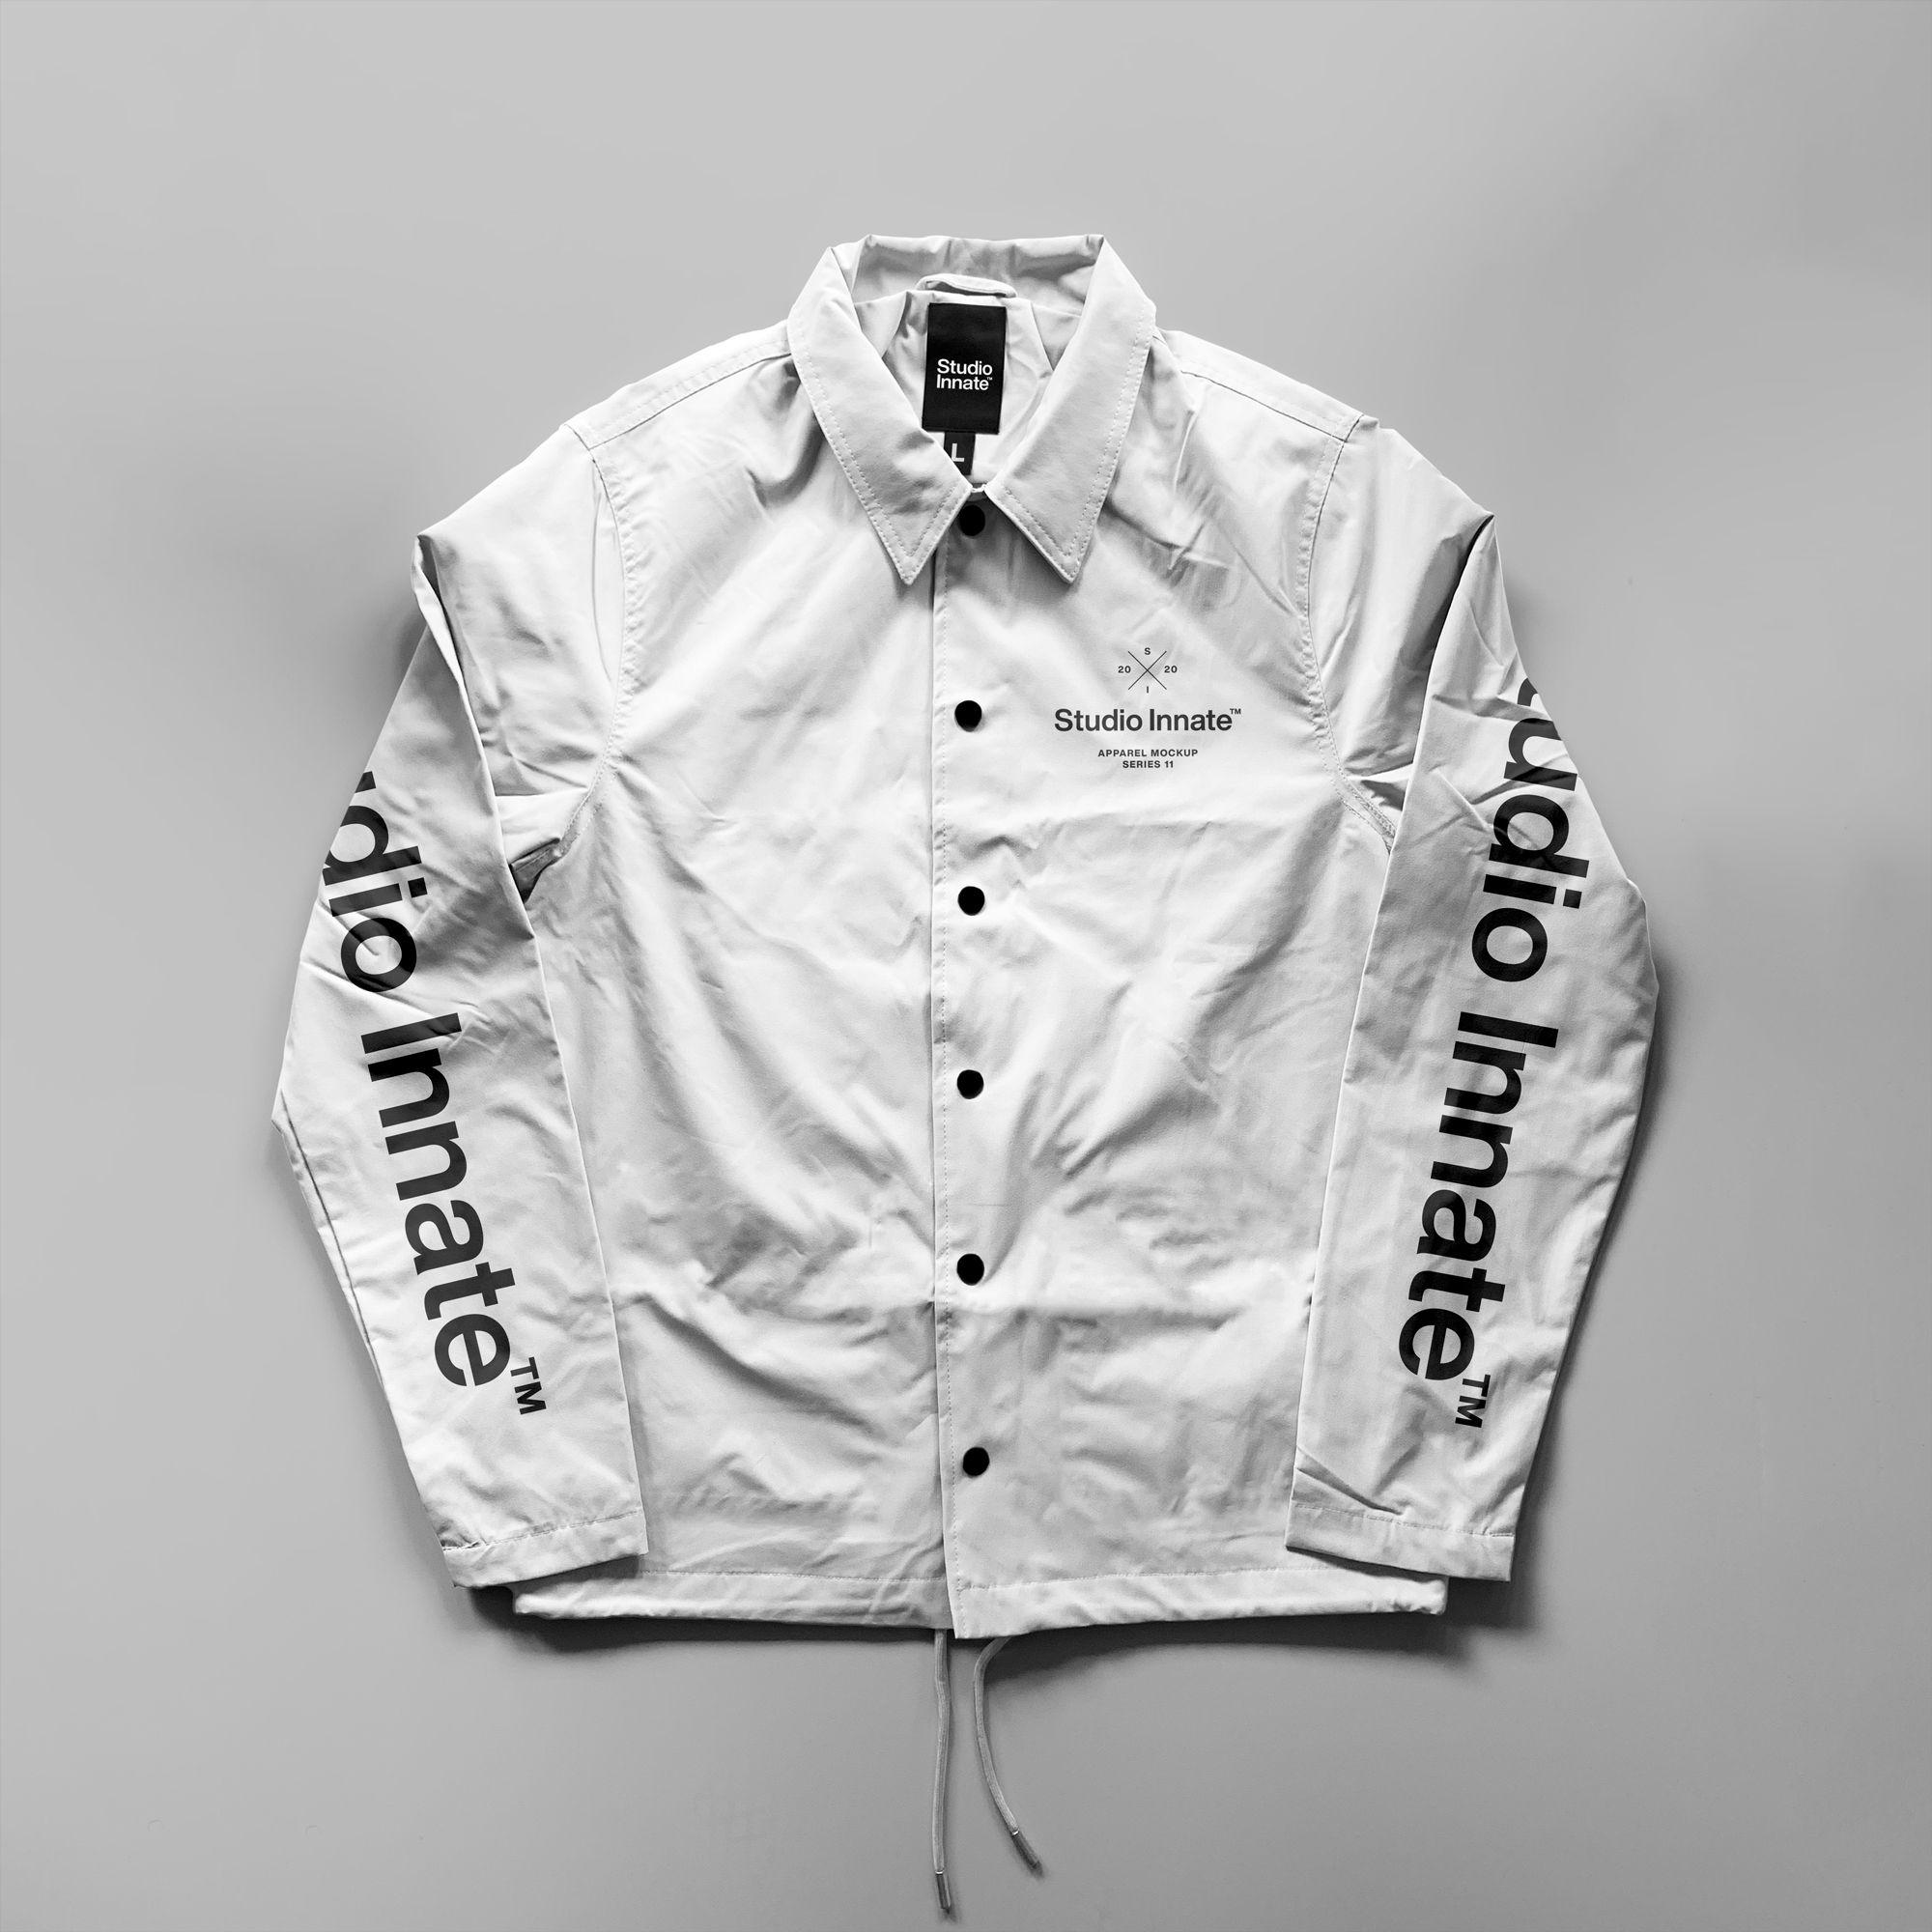 教练长袖夹克衫设计展示样机模板合集 Coach Jacket – Mockup Bundle插图(4)